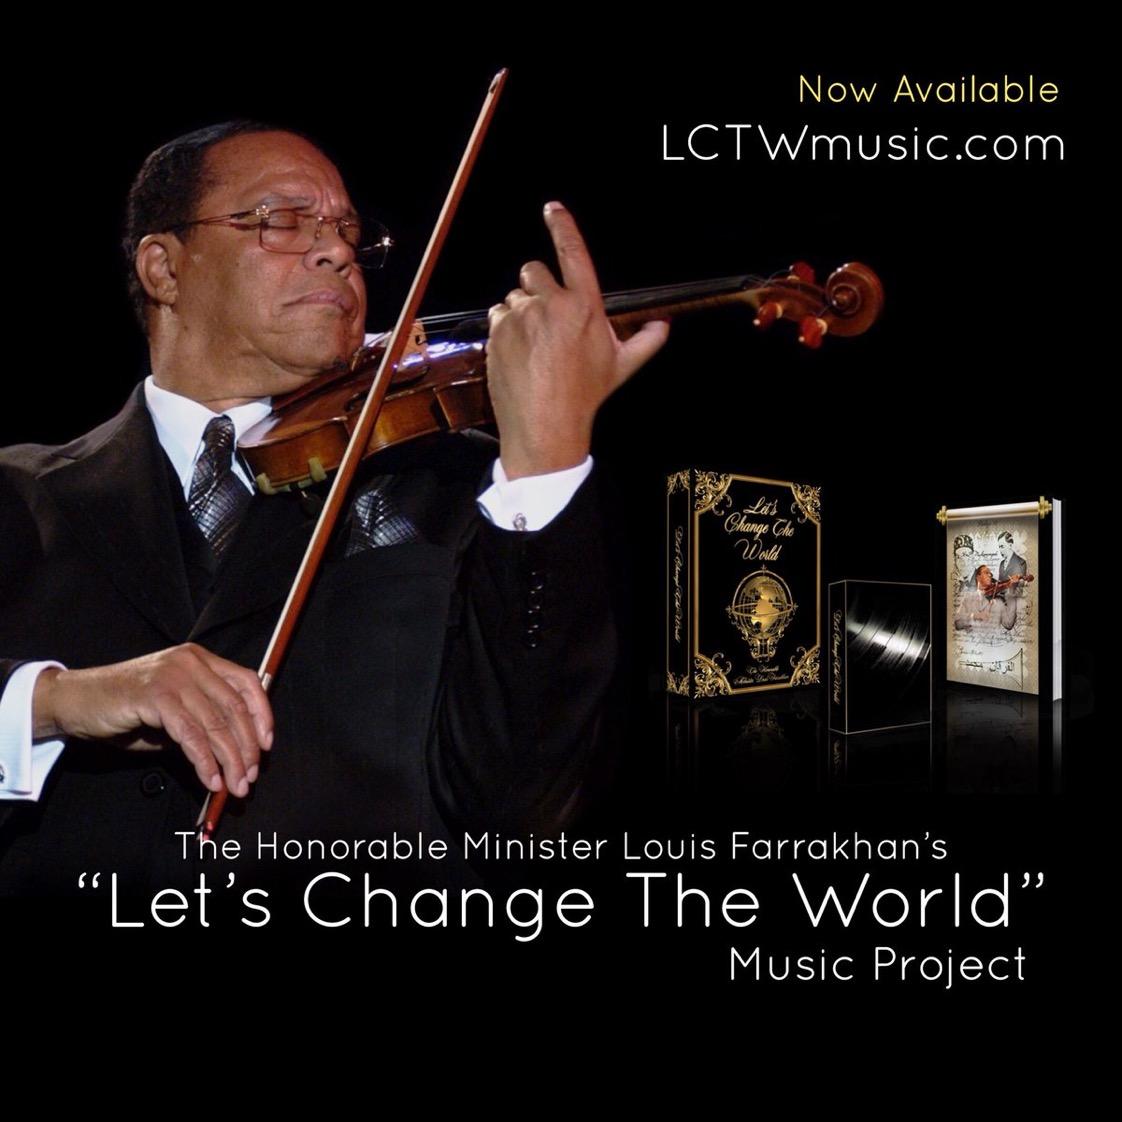 LCTW Promo